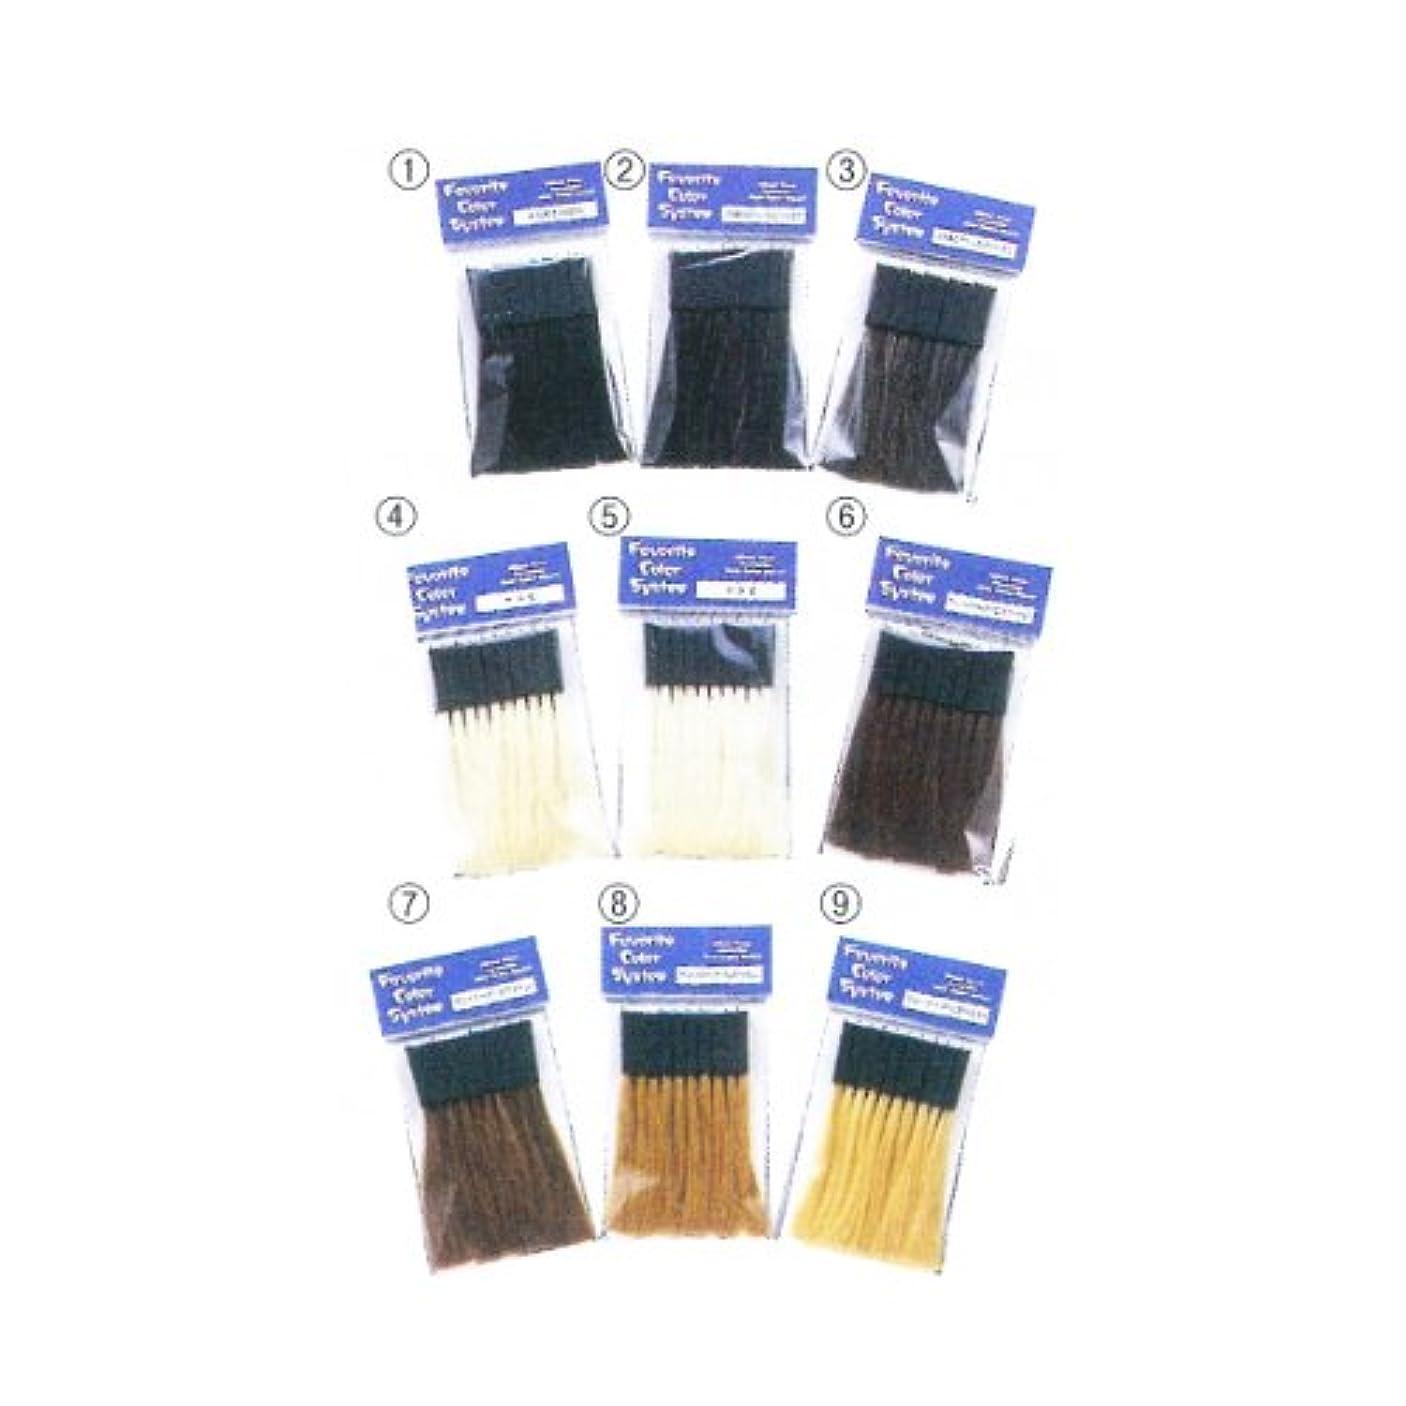 フェイバリット カラーシステム(10本入) 4ヤギ毛